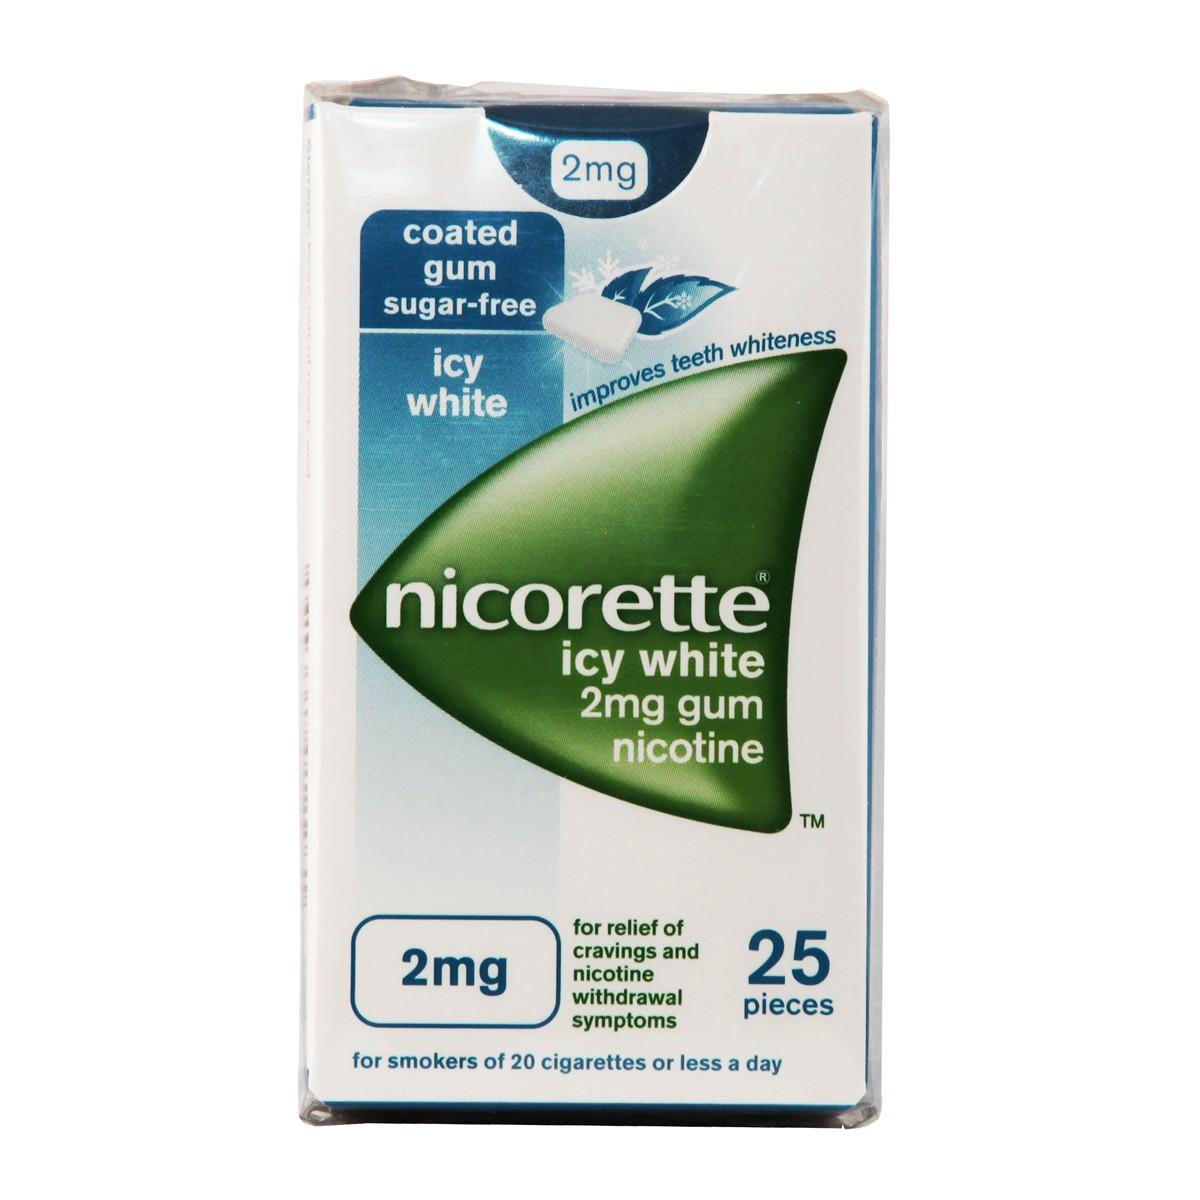 Nicorette Icy White 2mg Gum